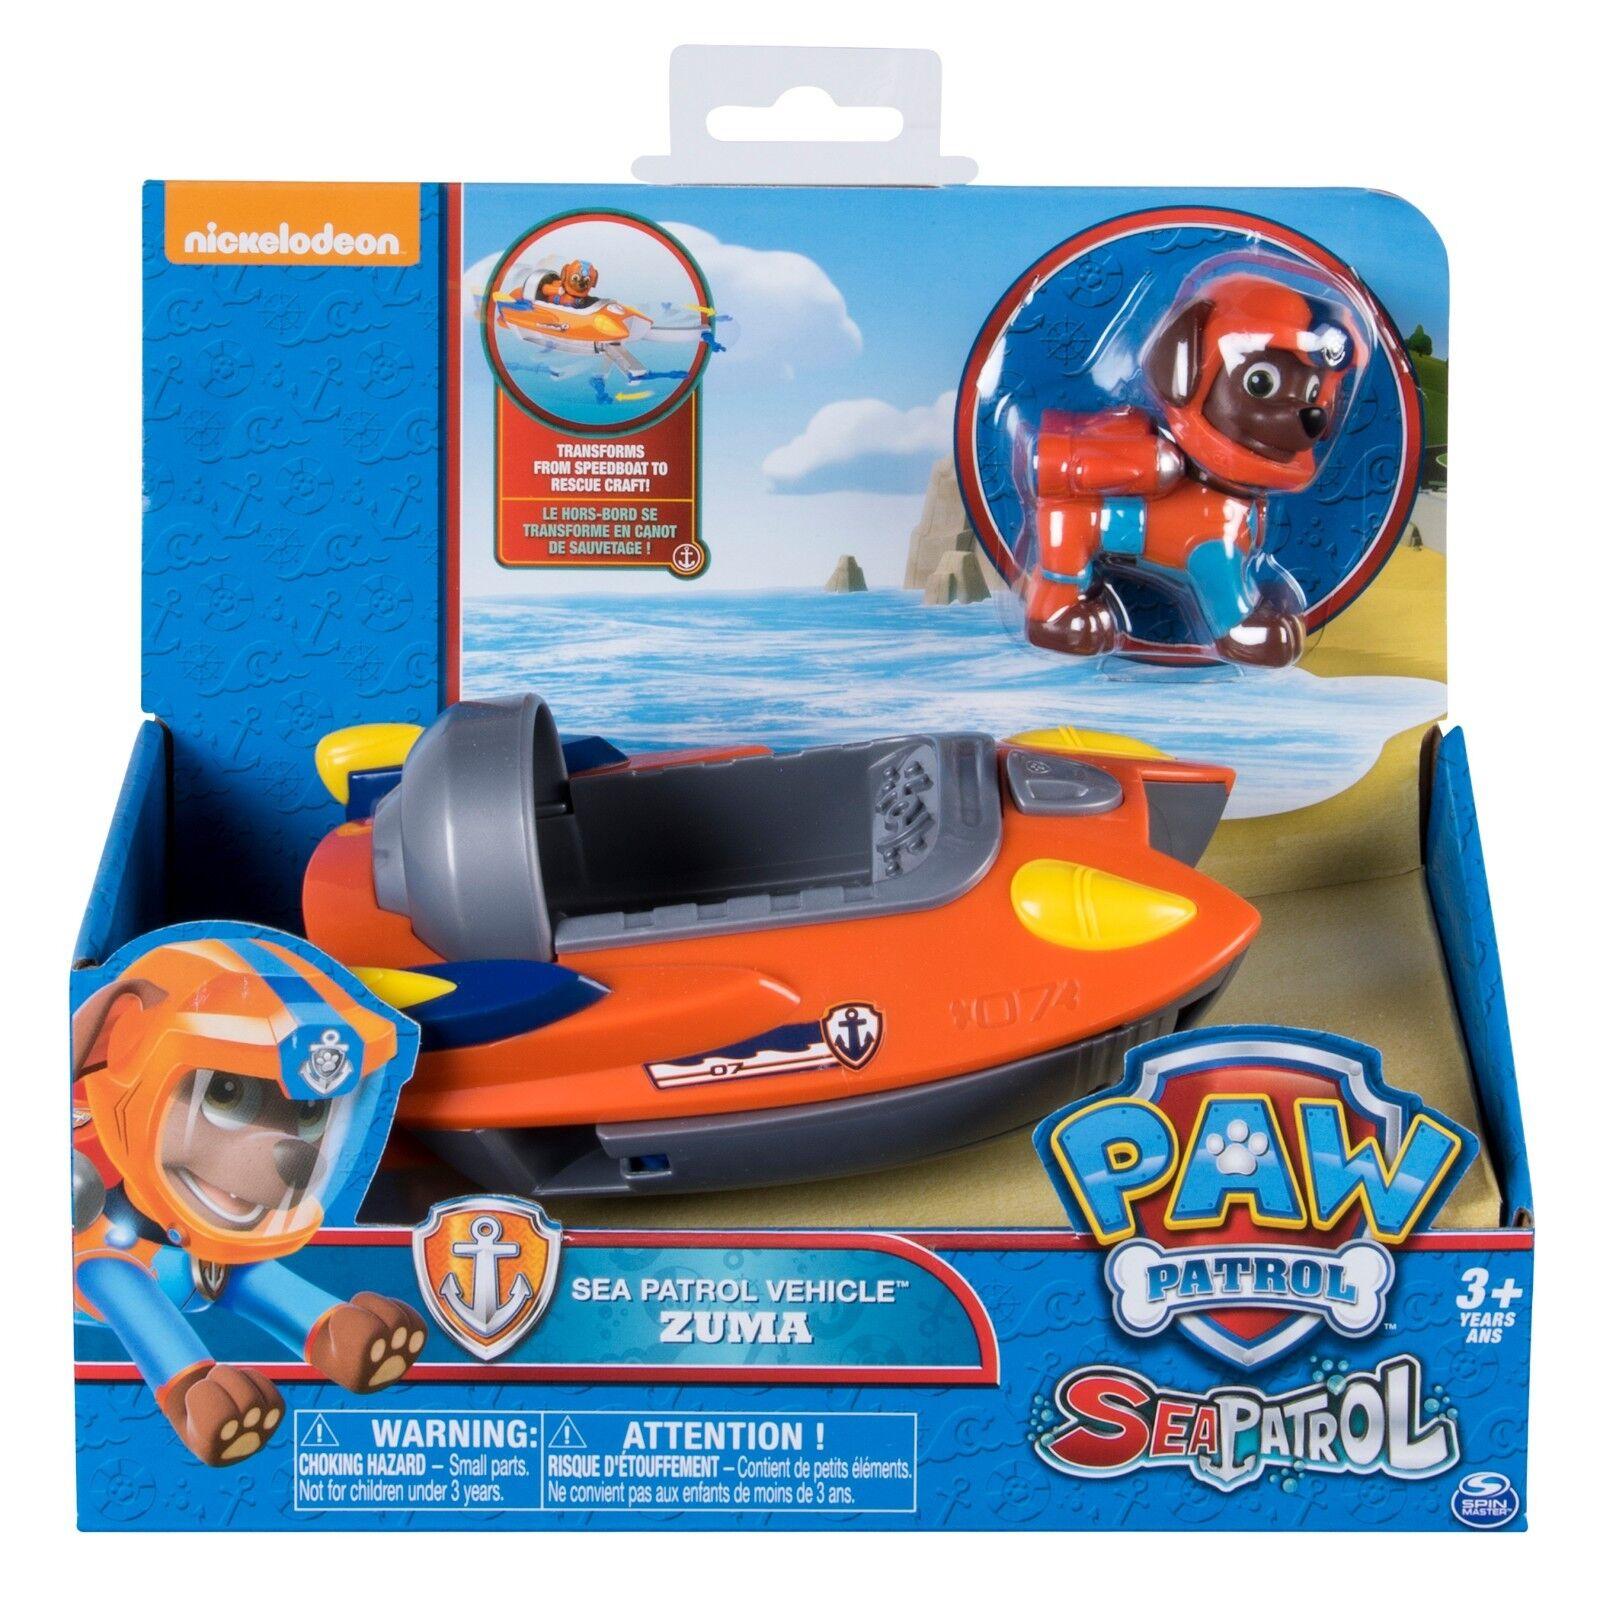 Paw Patrol Zuma Sea Patrol Vehicle Toy - Authentic Paw Patrol Toy - Zuma Toy